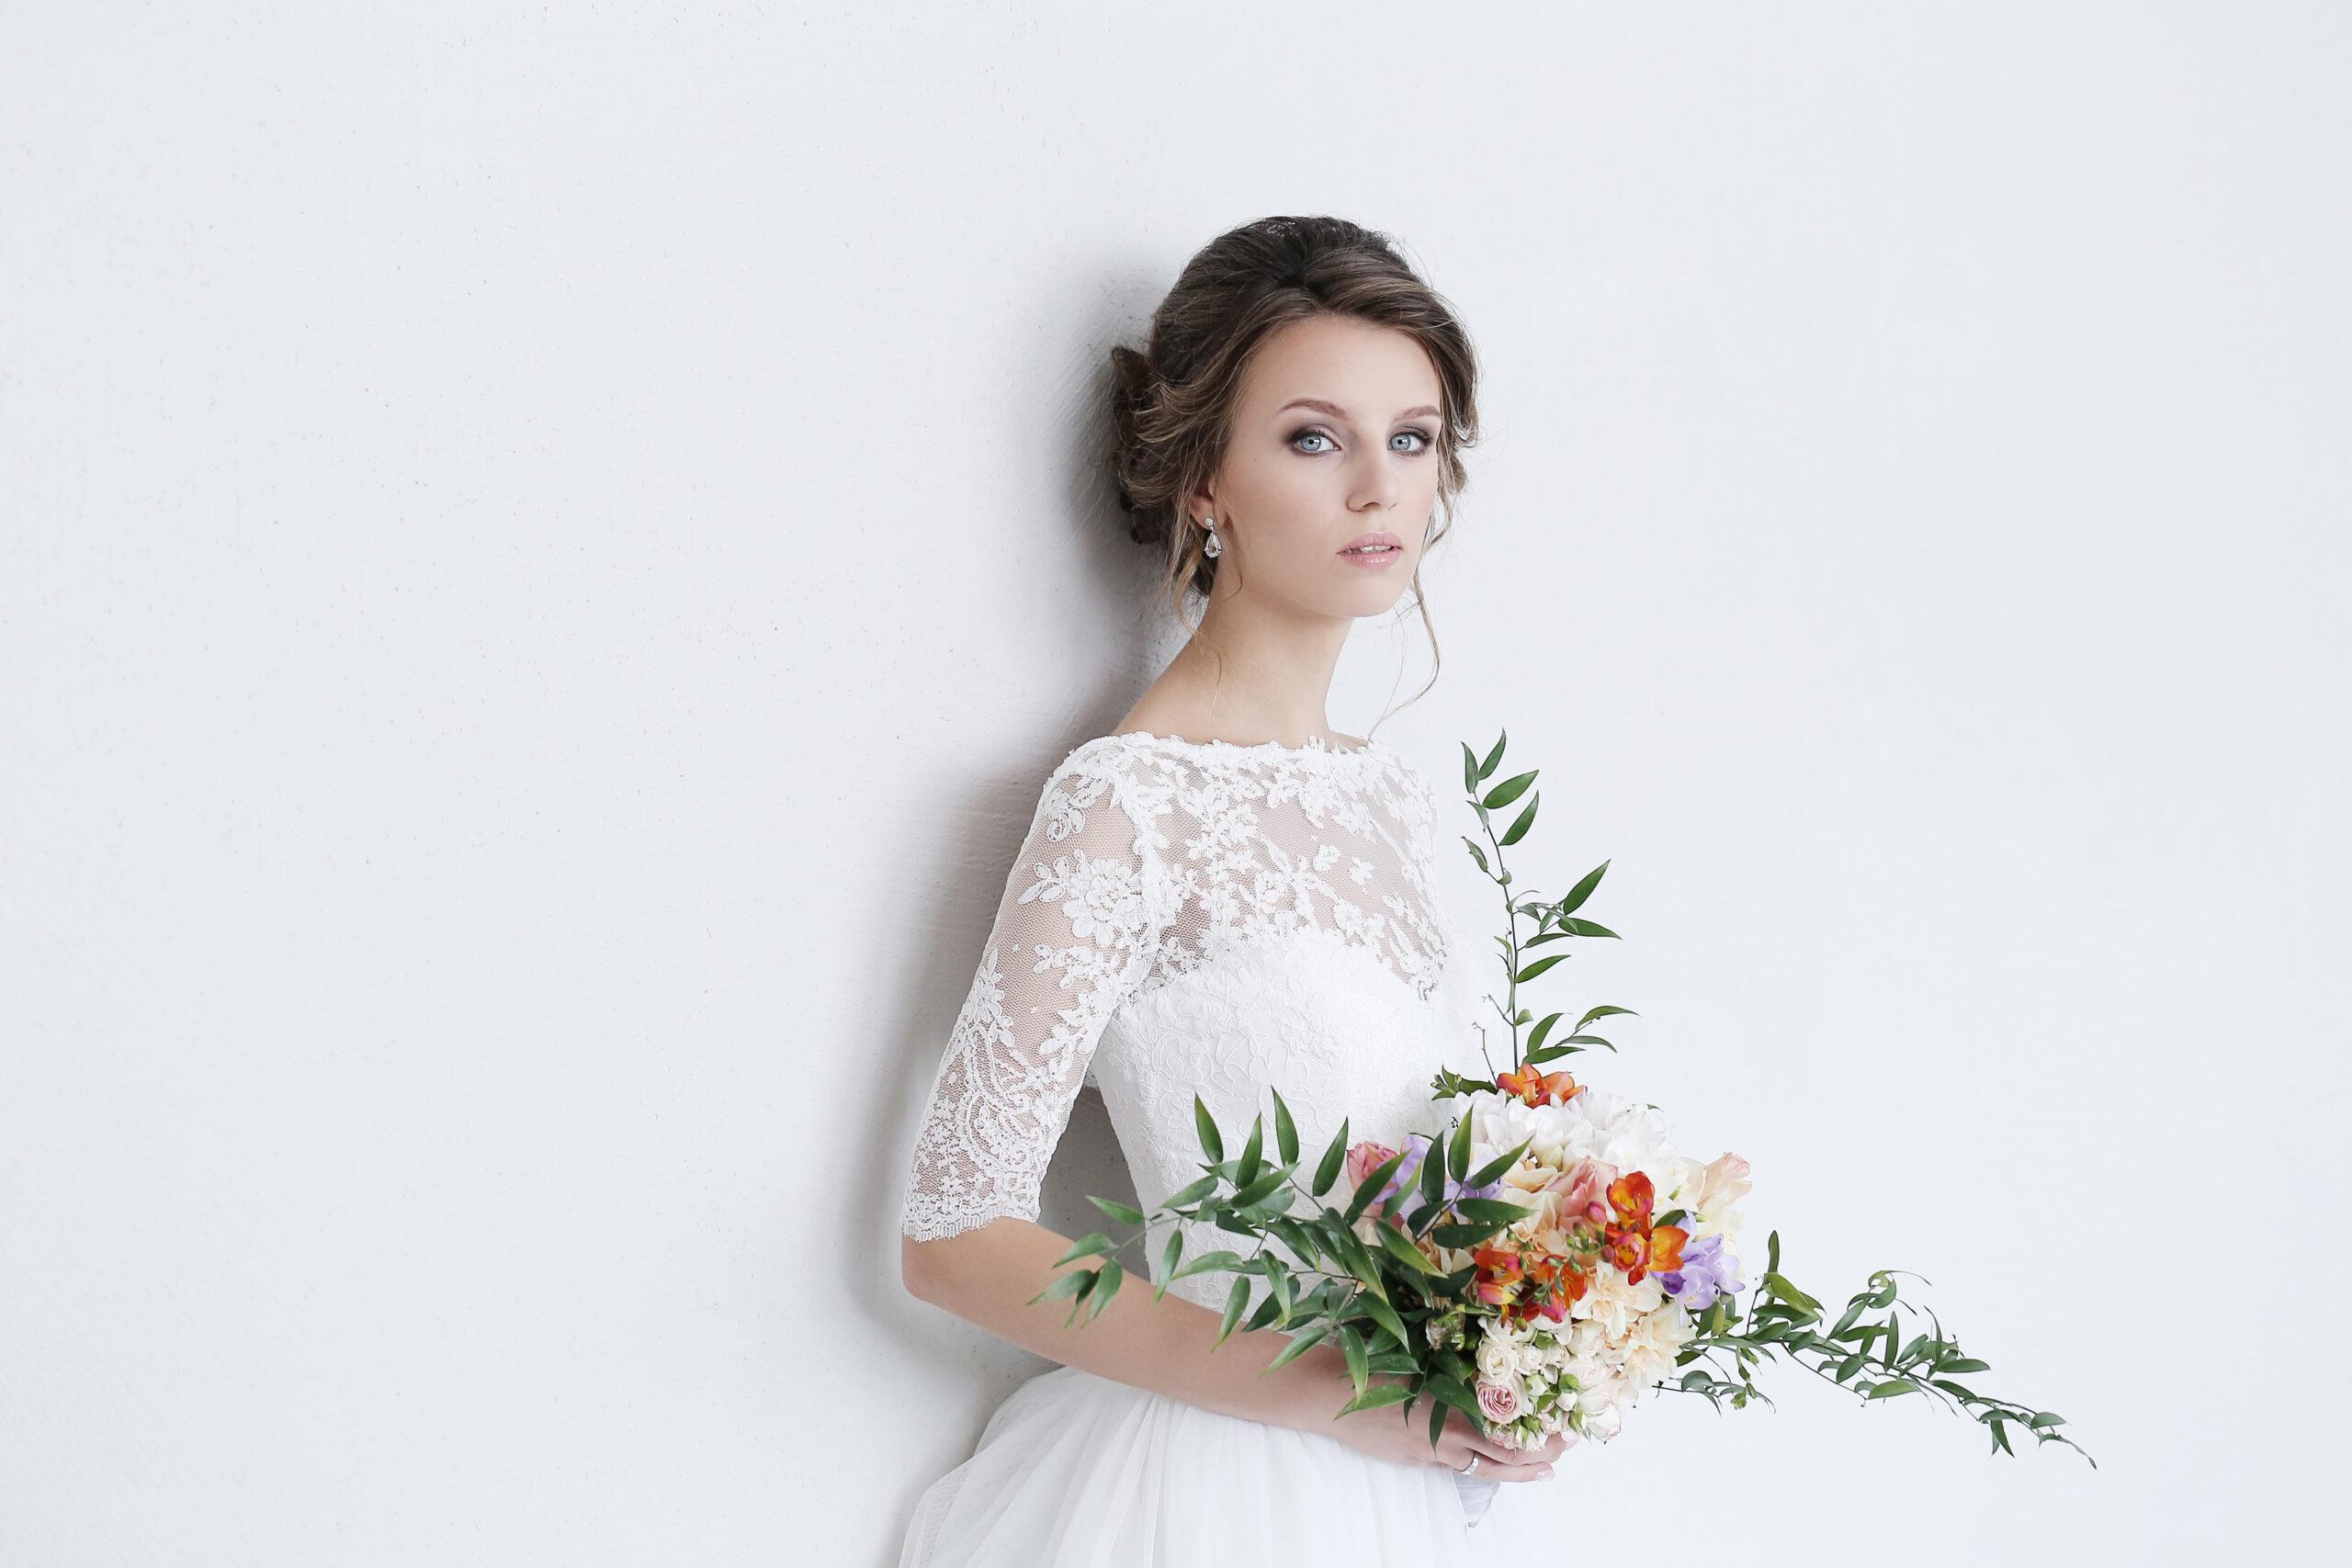 galateo della sposa